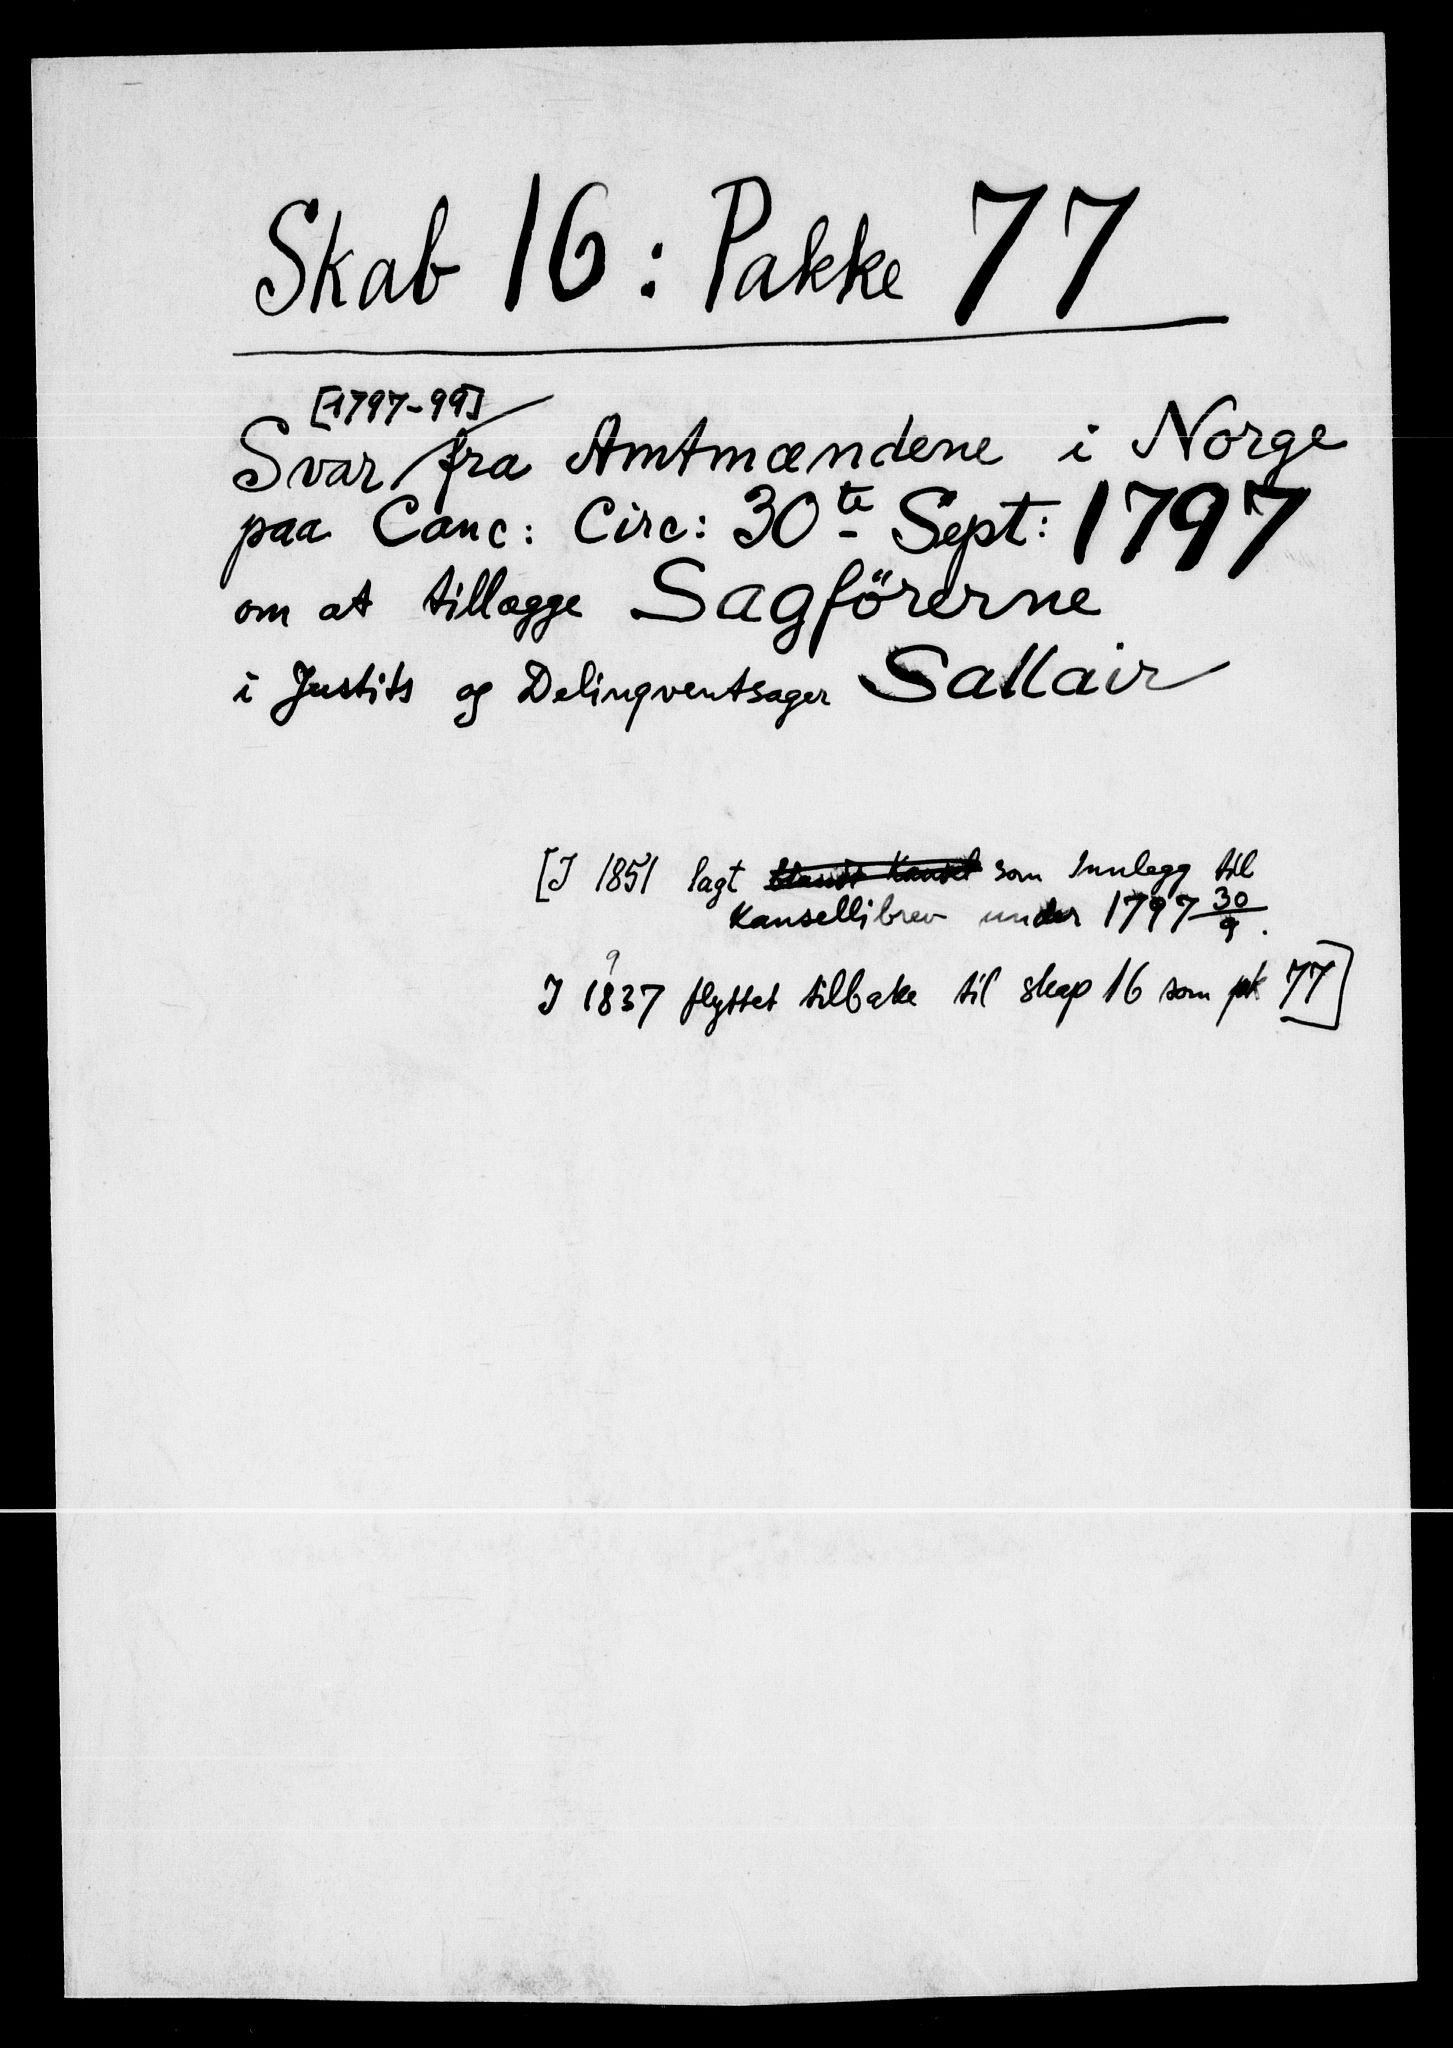 RA, Danske Kanselli, Skapsaker, F/L0128: Skap 16, pakke 77-81, 1797-1804, s. 3